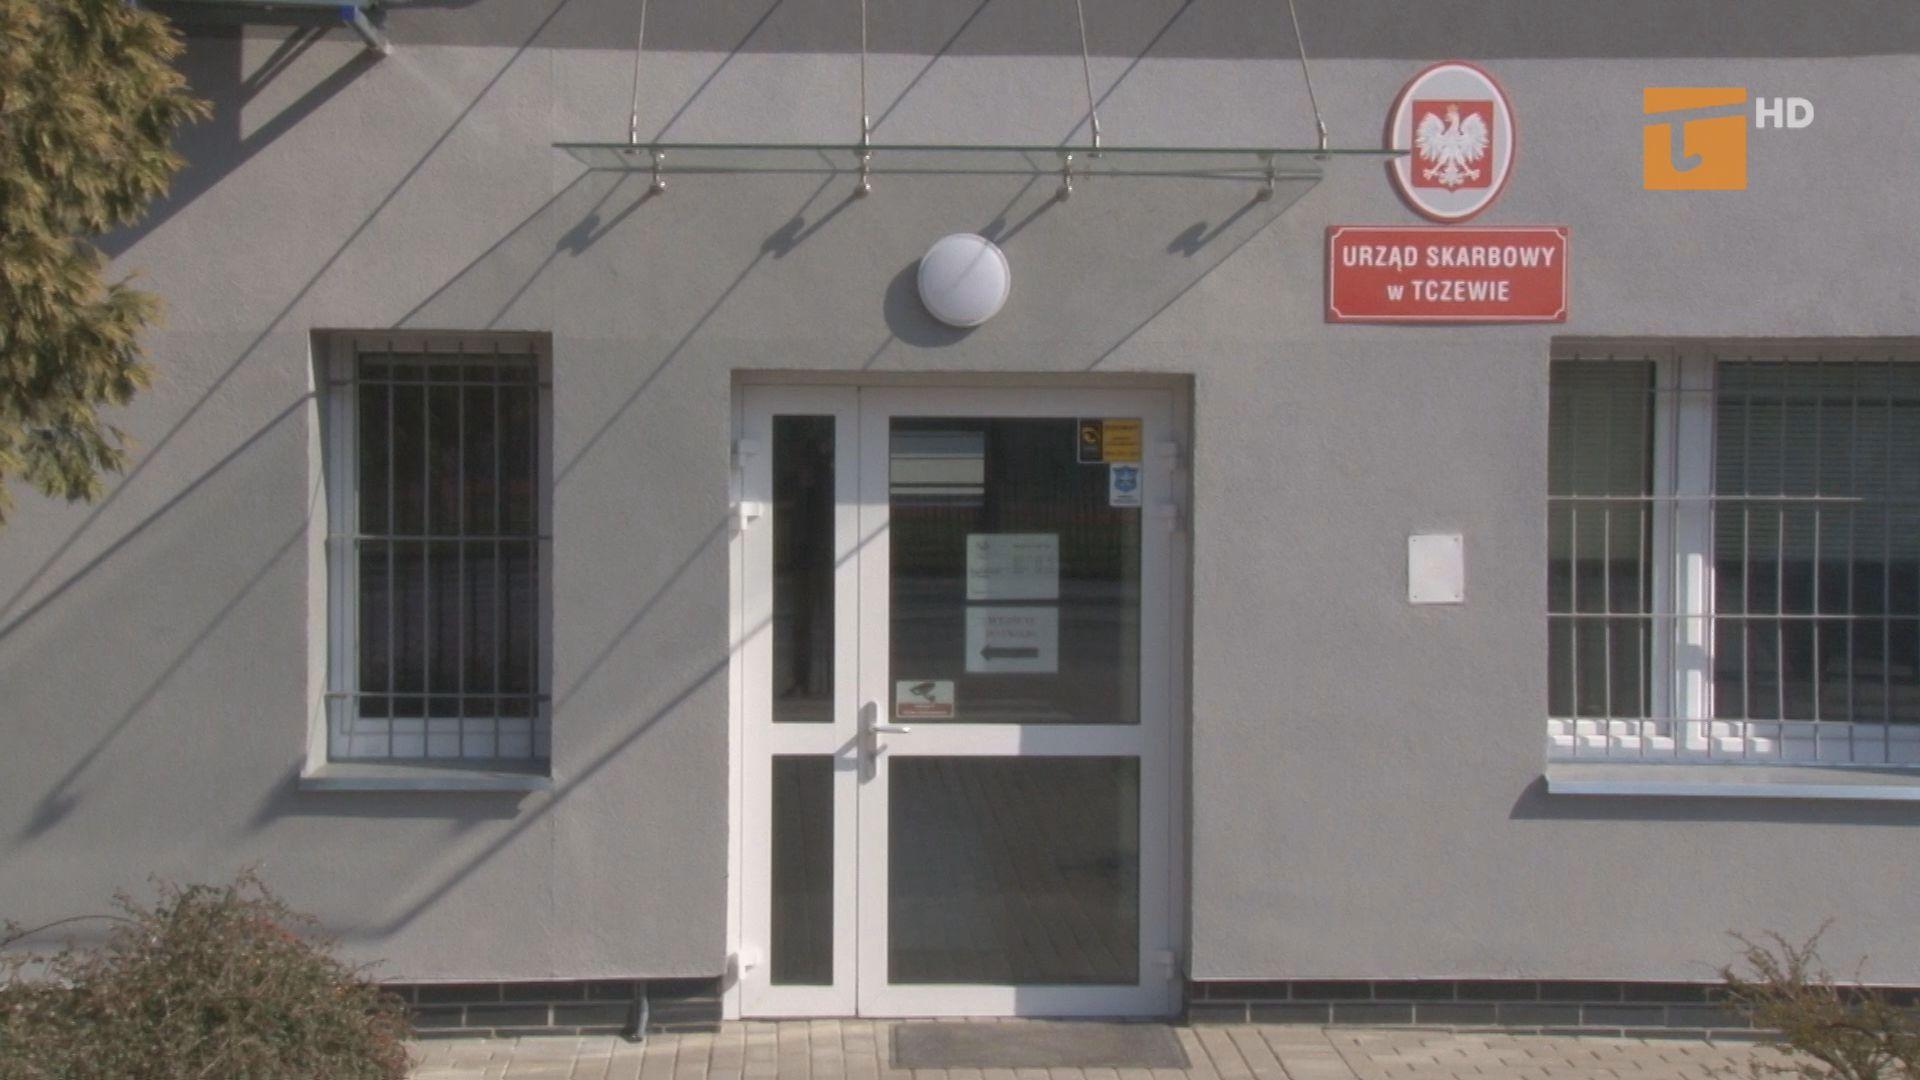 Ze względu na rozprzestrzenianie koronawirusa urząd skarbowy wstrzymał wizyty podatników